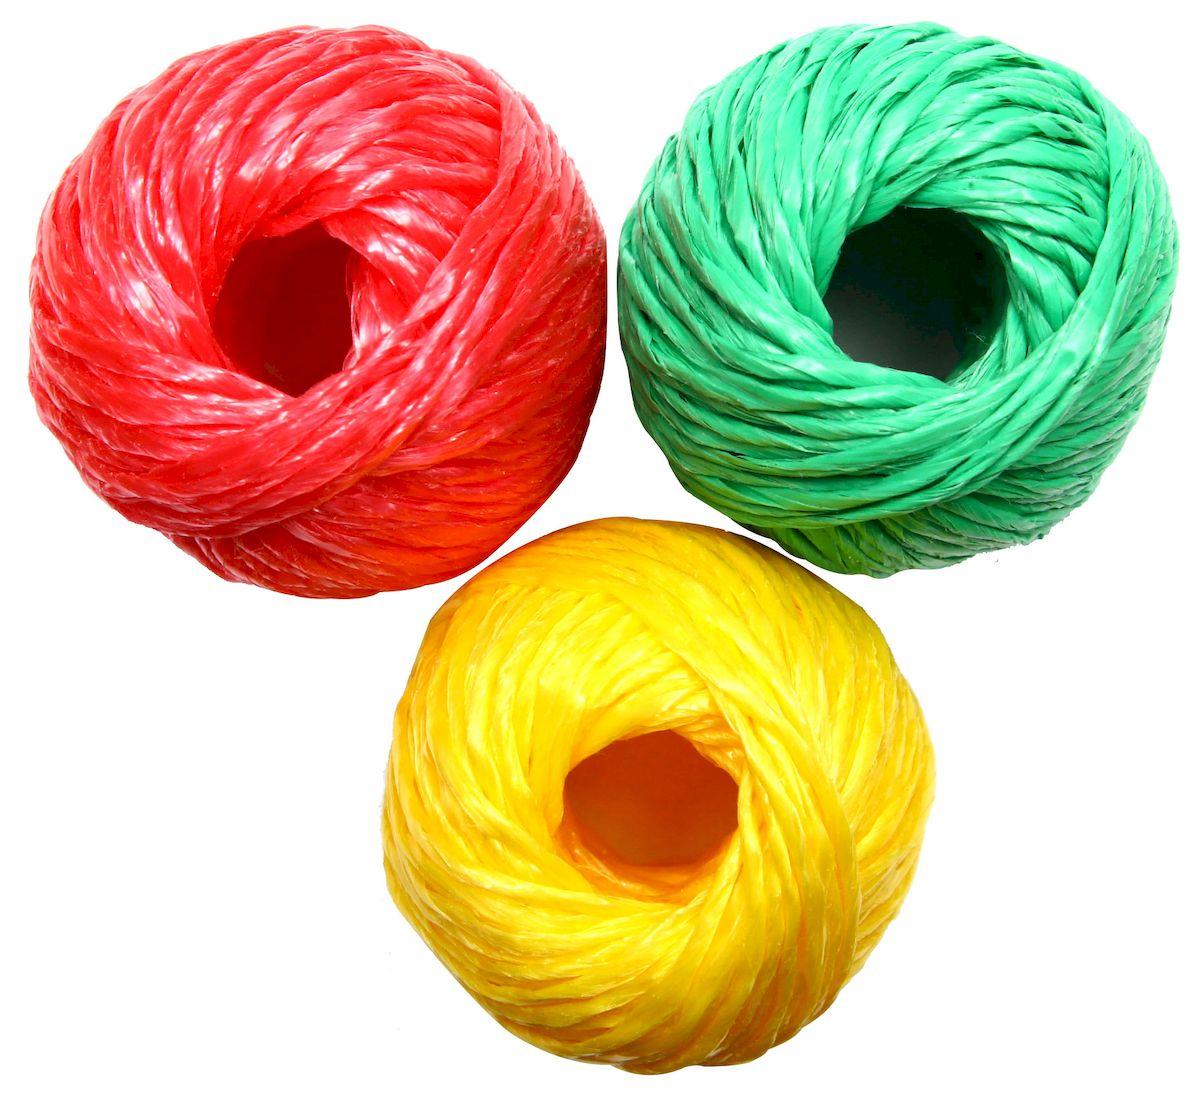 Шпагат Proffi Светофор, цвет: красный, зеленый, желтый, 1100 текс, 30 м, 3 шт1324764Шпагат Proffi Светофор незаменимый помощник в быту в качестве обвязочногоматериала и для подвязывания различных сельскохозяйственных культур.Шпагат полипропиленовыйобладает большой стойкостью к многоразовымизгибам, устойчивостью к истиранию, на него не влияют органическиерастворители, он невосприимчив к воздействию горячей воды и щелочей, отличныйдиэлектрик, обладает хорошими теплоизоляционными свойствами. Шпагатполипропиленовый устойчив к воздействию перепадов температур, неподвержен гниению. Шпагат из полипропилена является экологически чистымвидом упаковки.